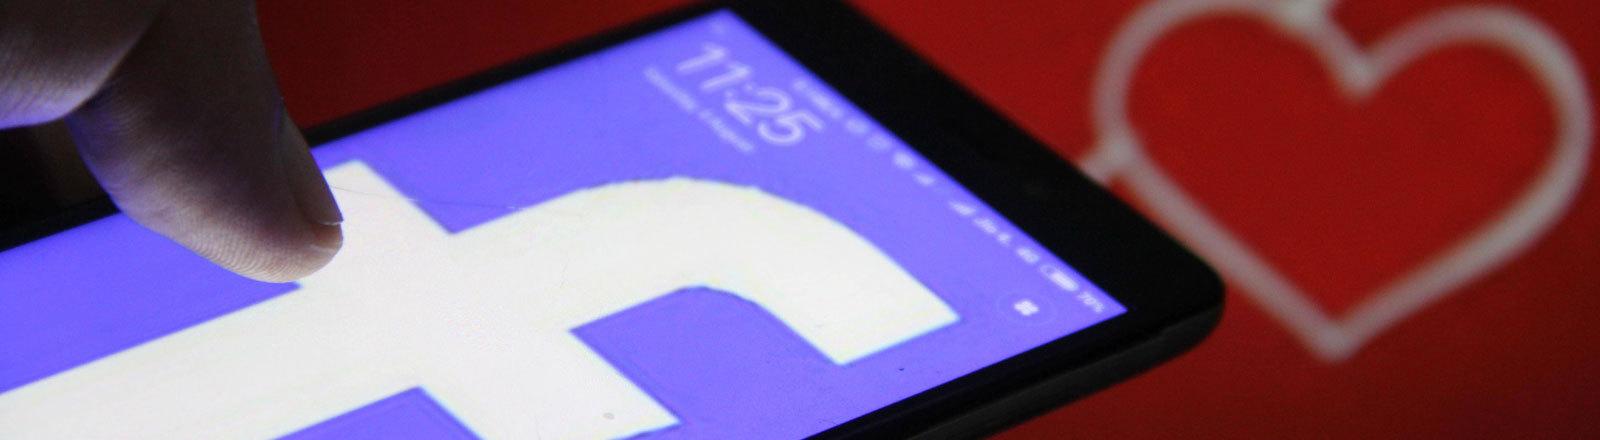 Smartphone mit Facebook-Logo und Herzen im Hintergrund